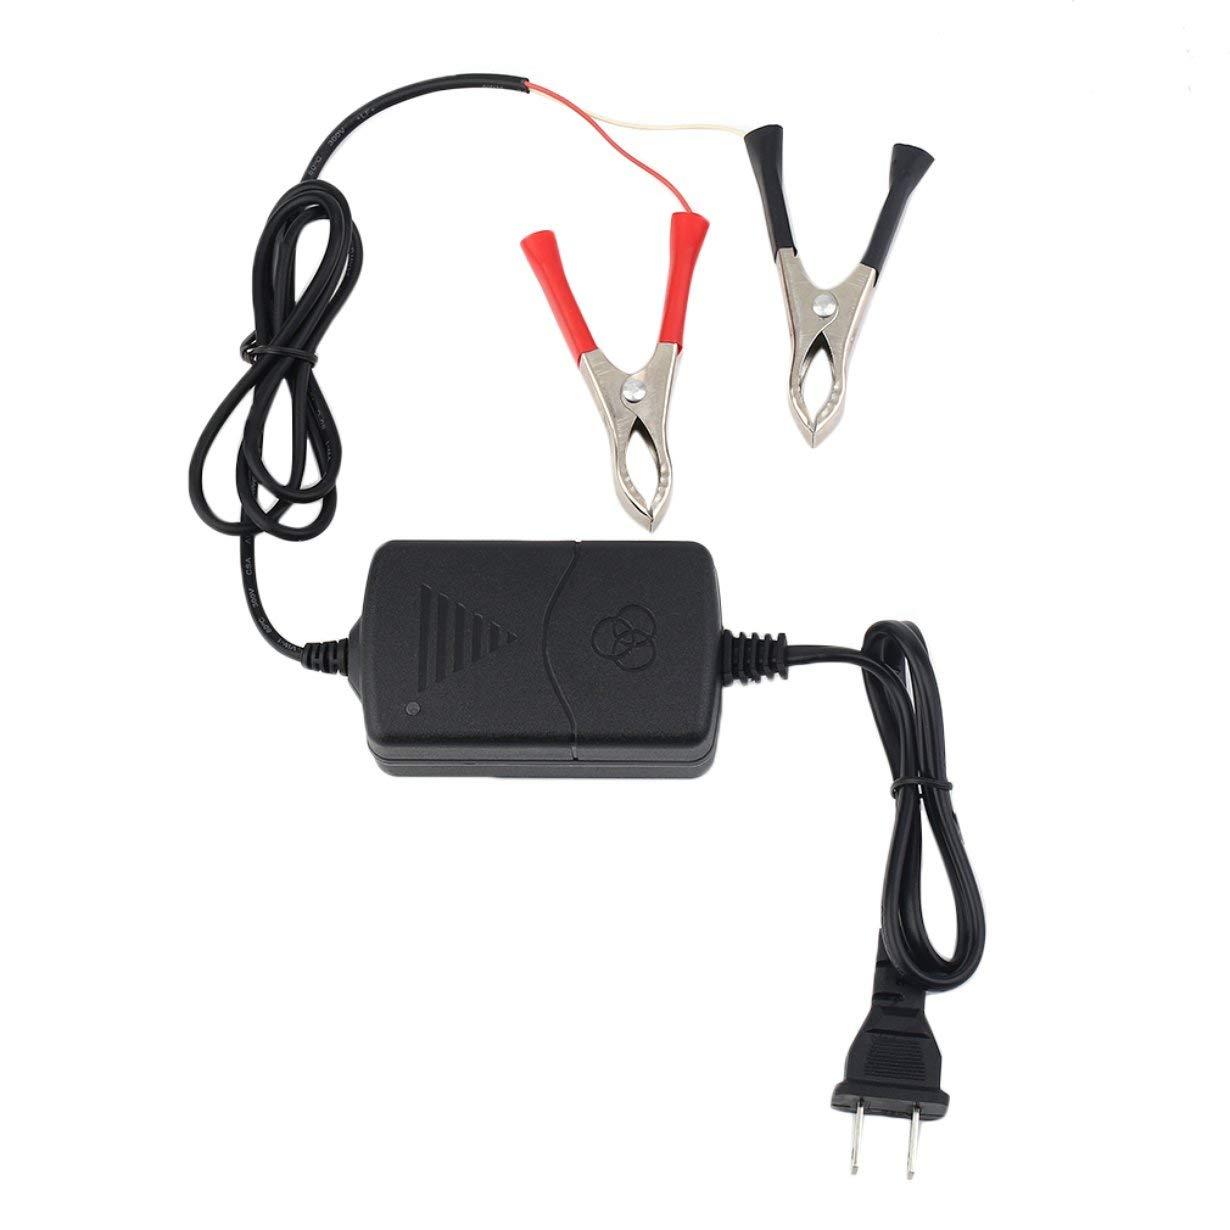 Auto Auto Moto ATV DC 12V / 1A 15W Smart Fast Universal Caricatore di batterie ricaricabili portatile multi-modalità portatile tenera Manutentore UniqueHeart